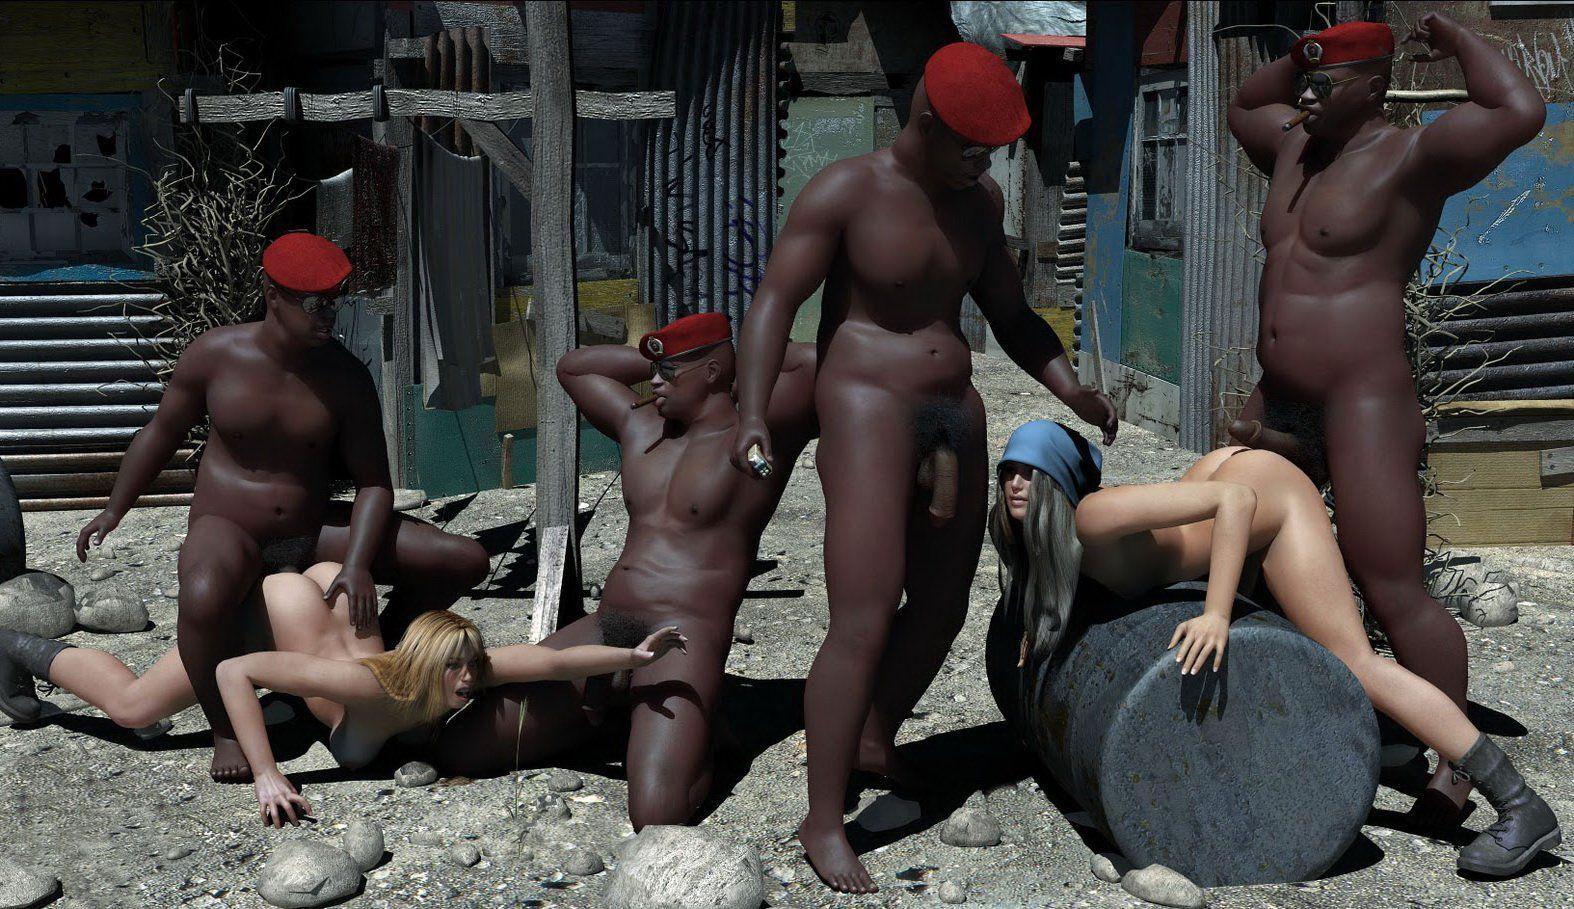 сексуальная рабство на африке видео нас выходят лесопарк